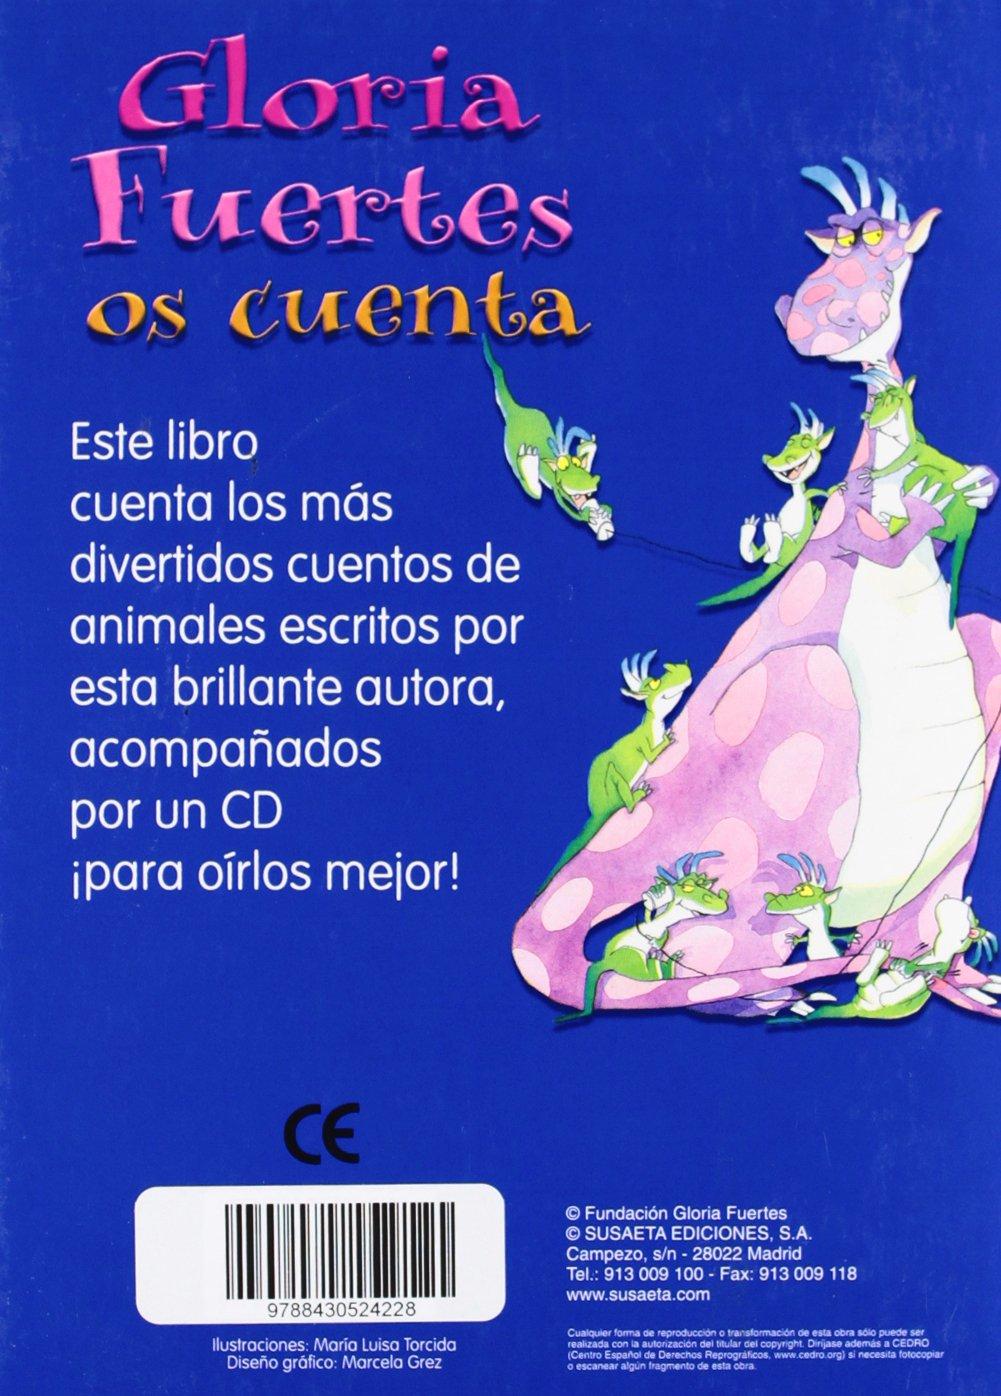 Gloria Fuertes: Os cuenta (Canta y Cuenta) (Spanish Edition) by Susaeta Ediciones, S.A. (Image #2)